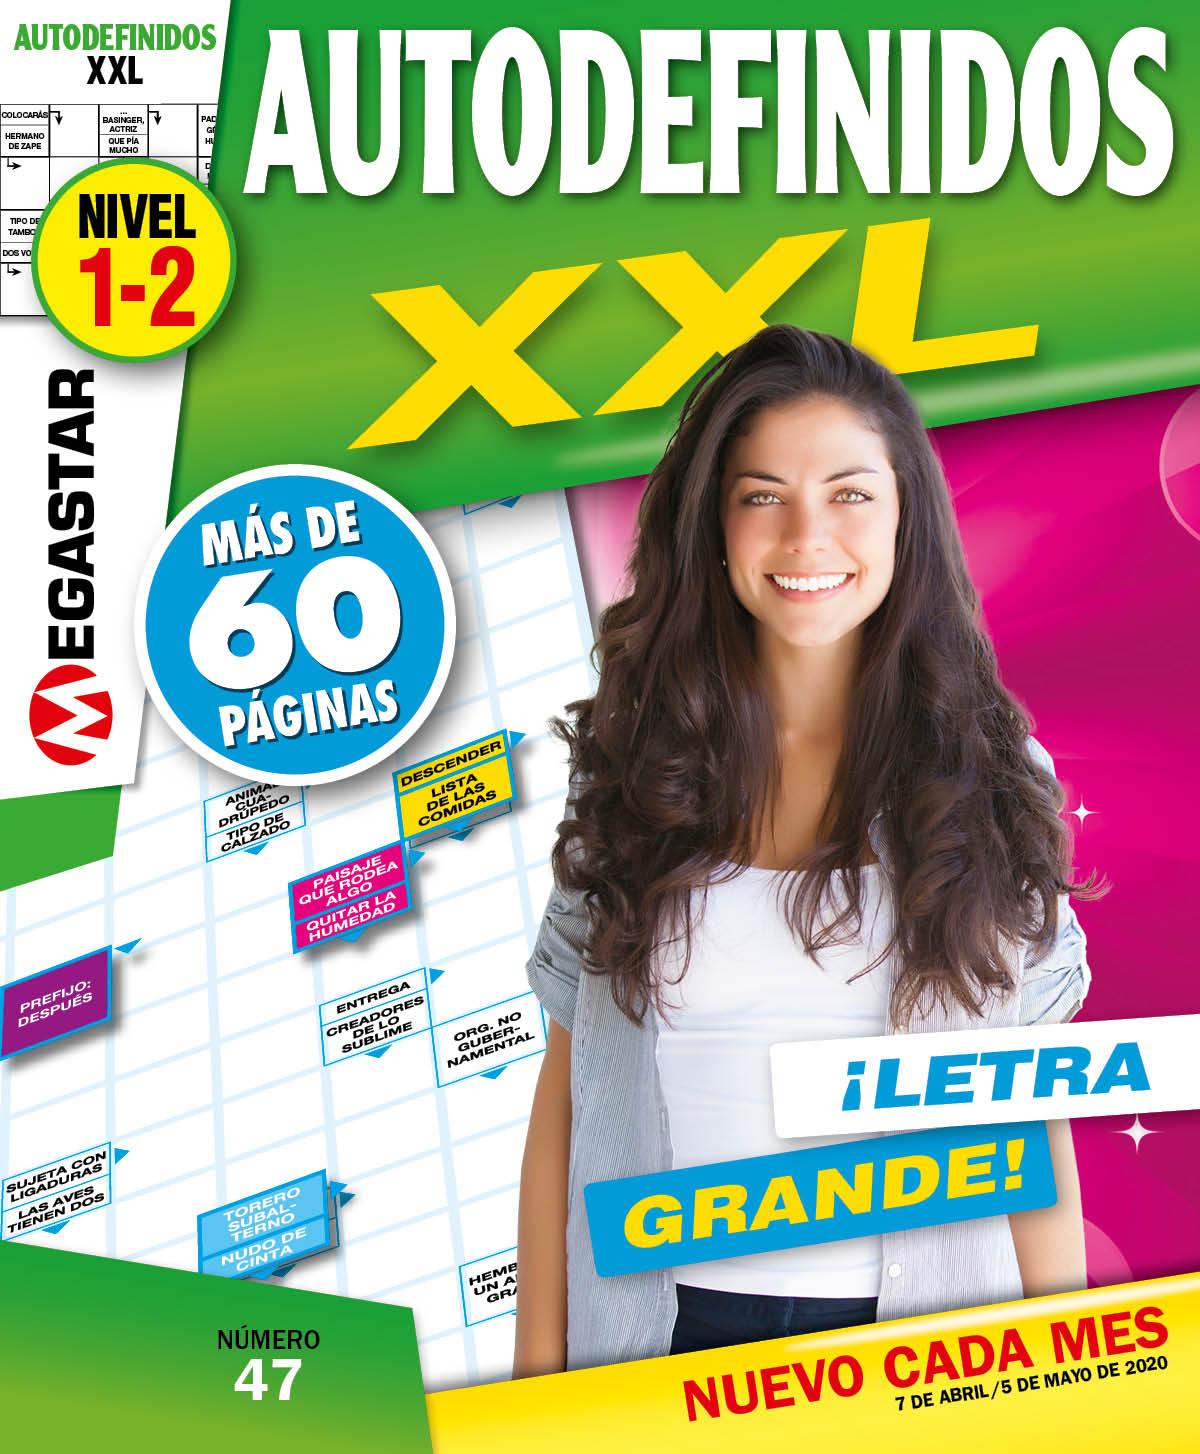 Autodefinidos XXL